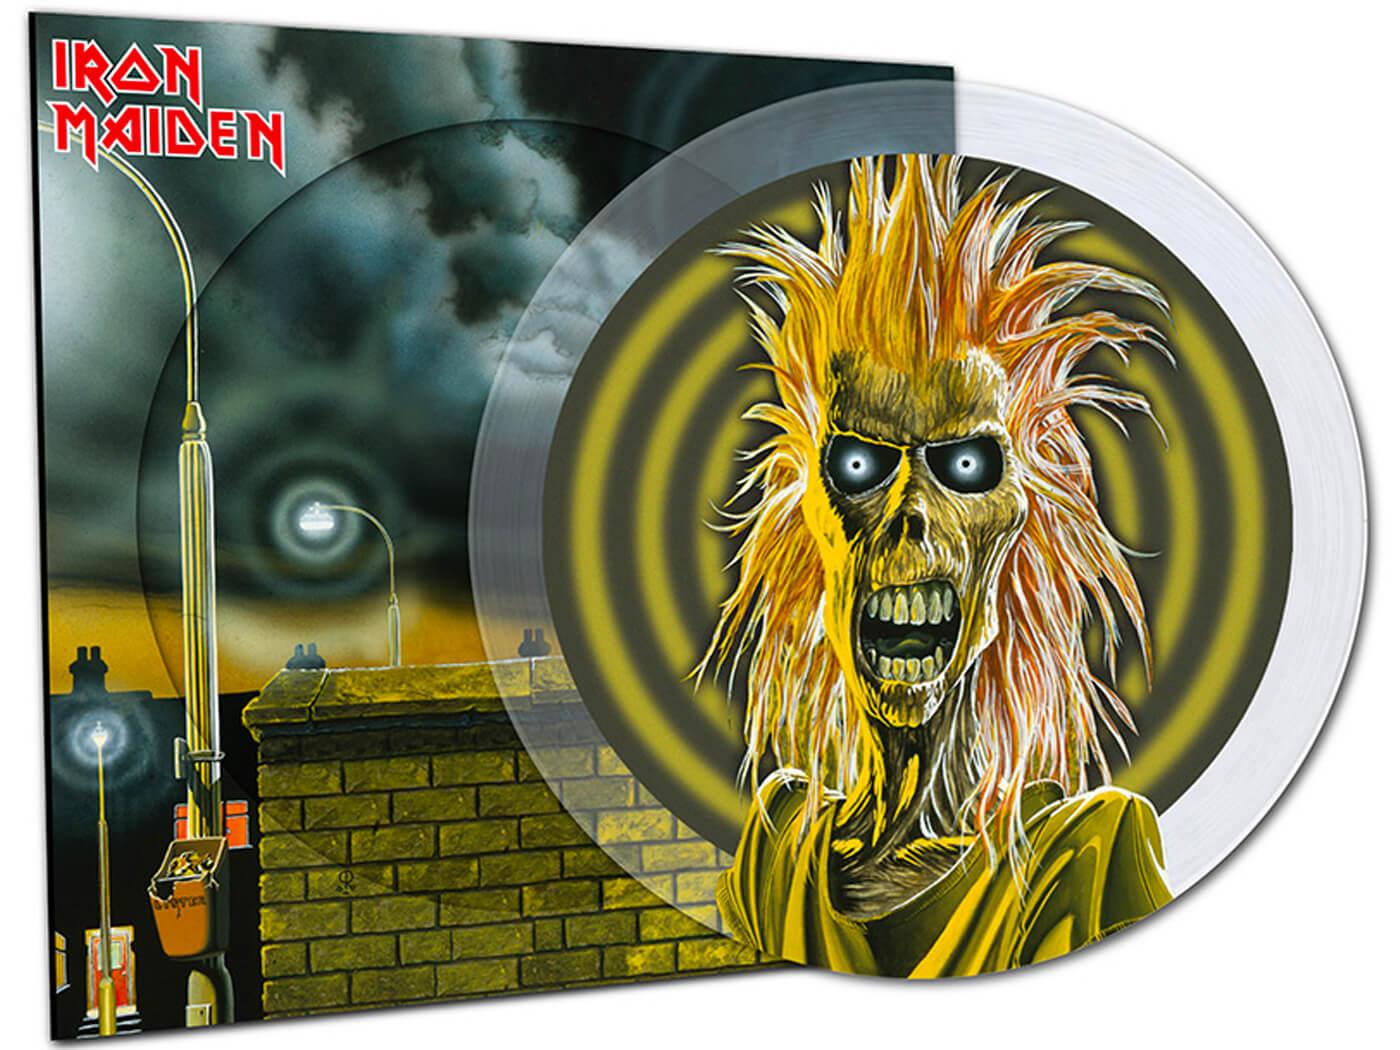 Iron Maiden 40th Anniversary Reissue